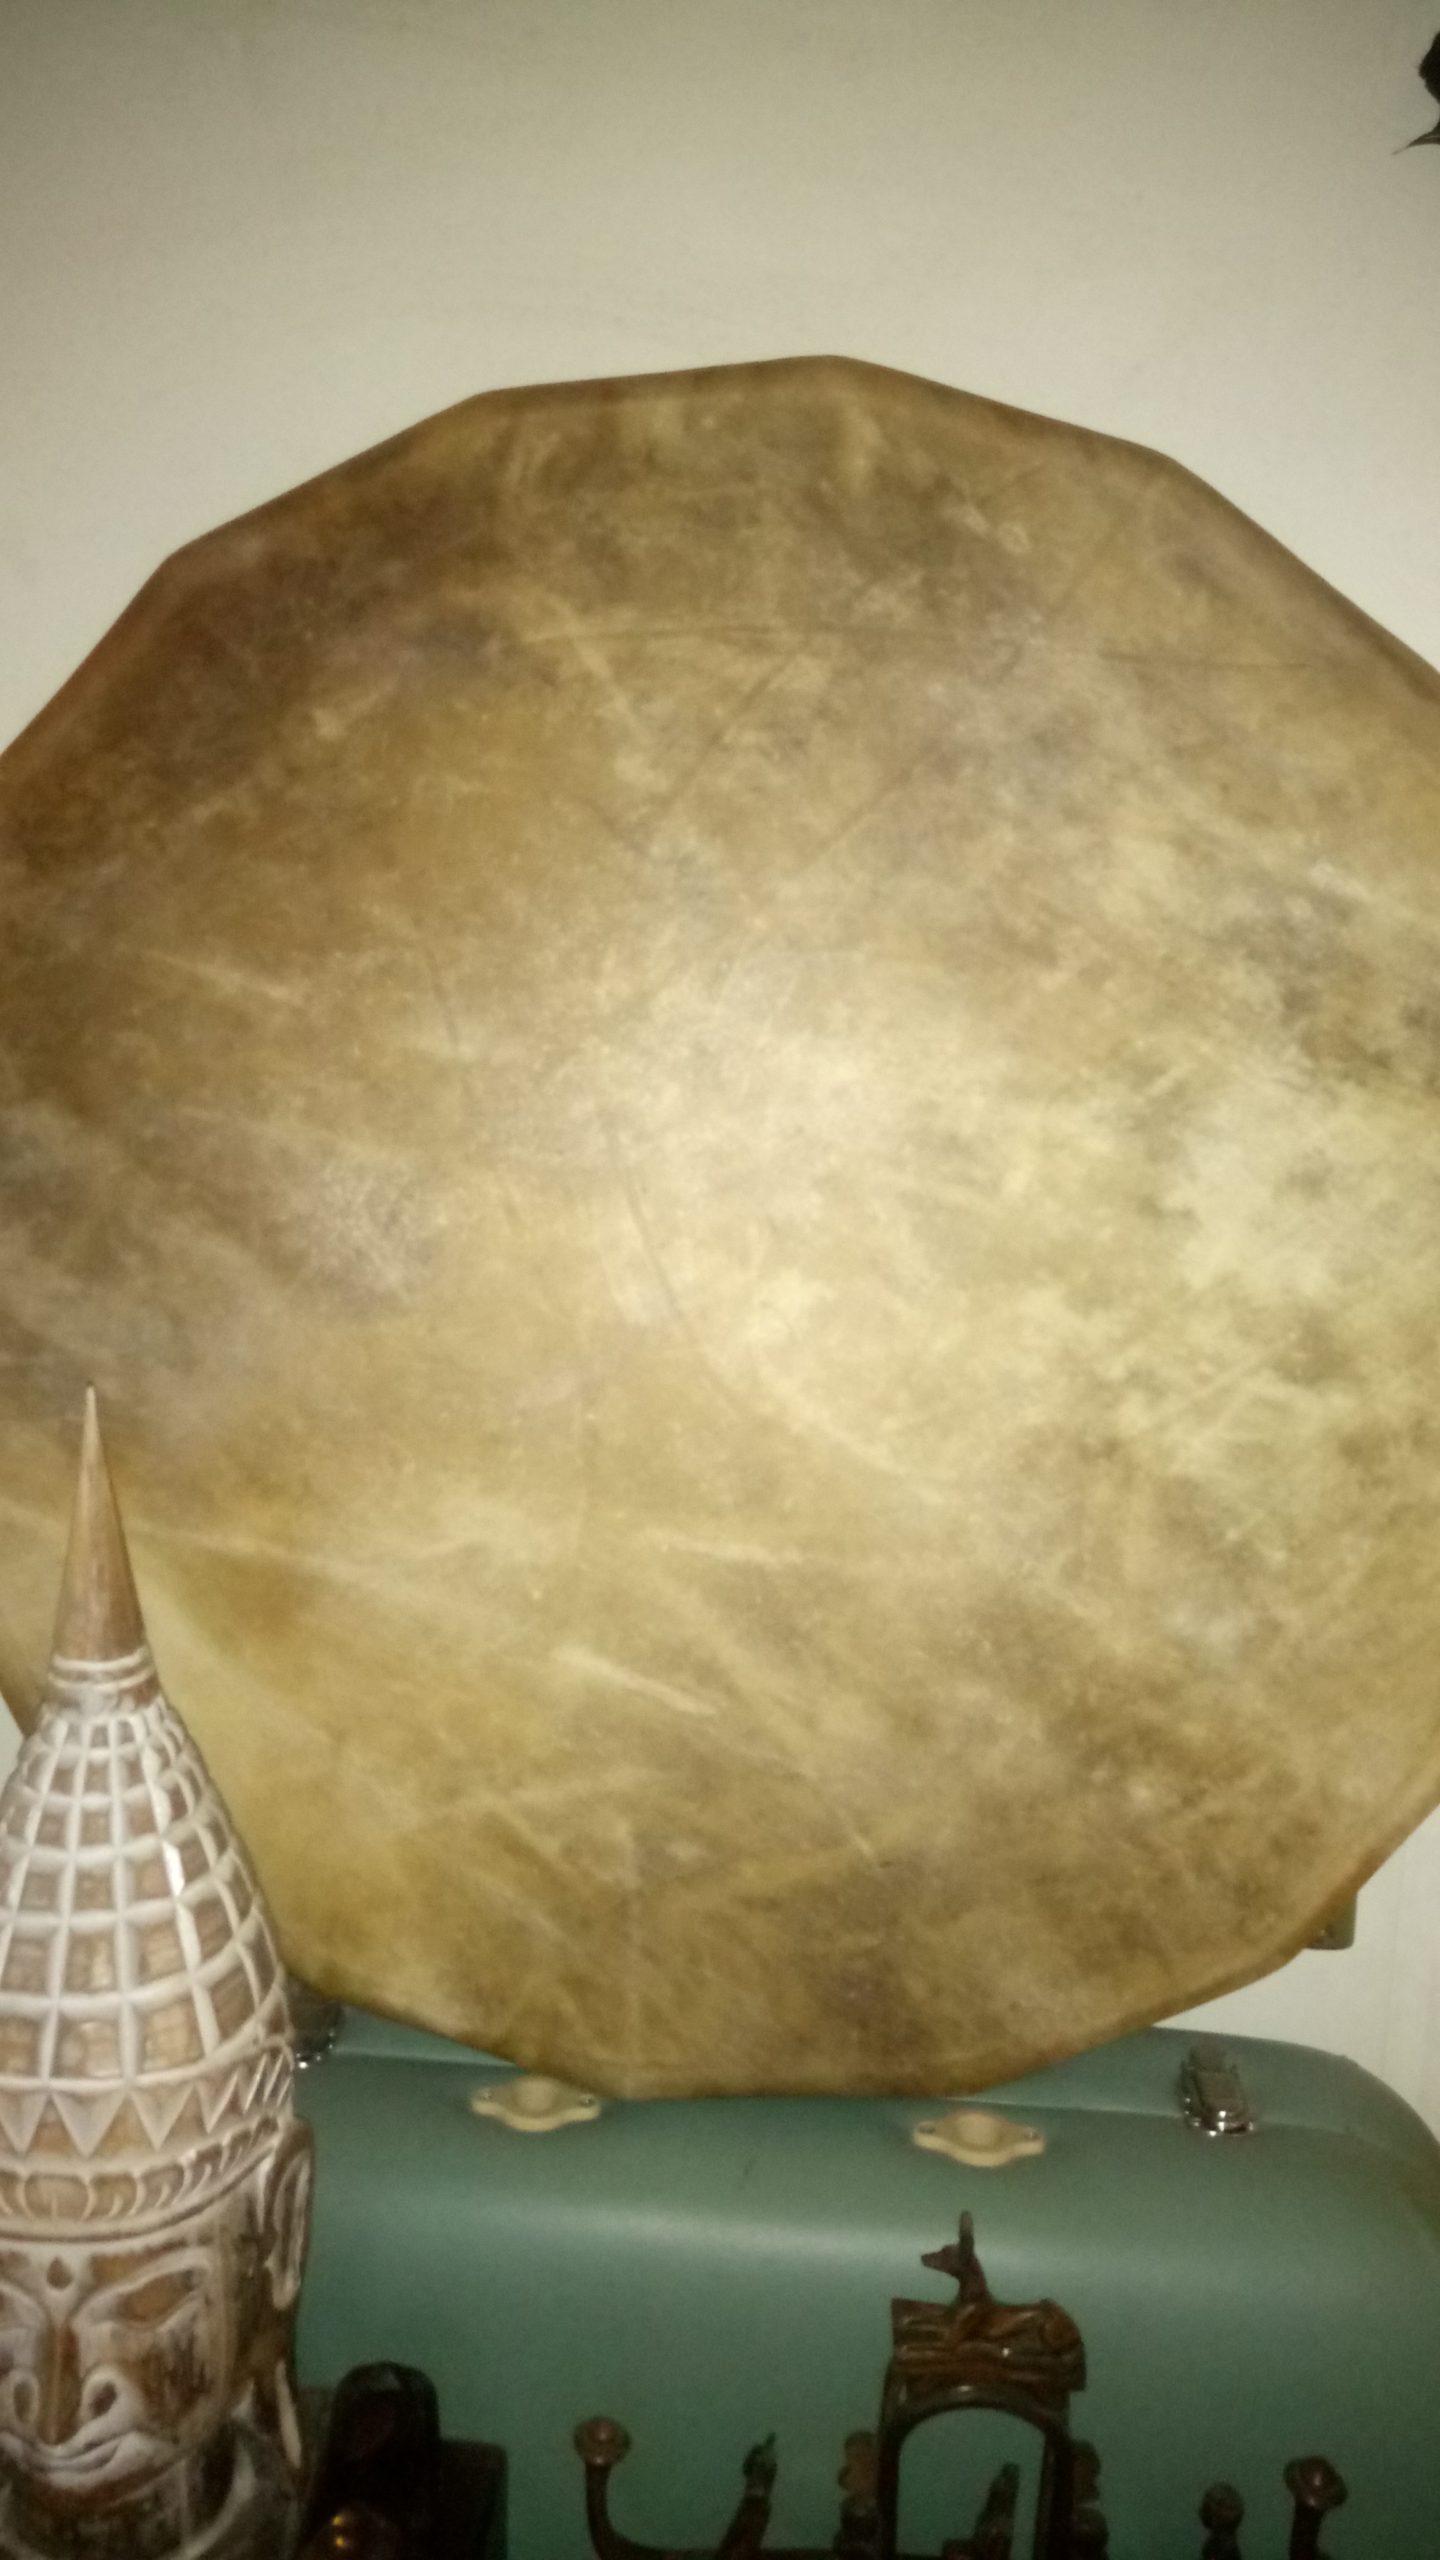 bison diametre 70cm DSC 0194 scaled - Tambour chamanique 70cm de diamètre